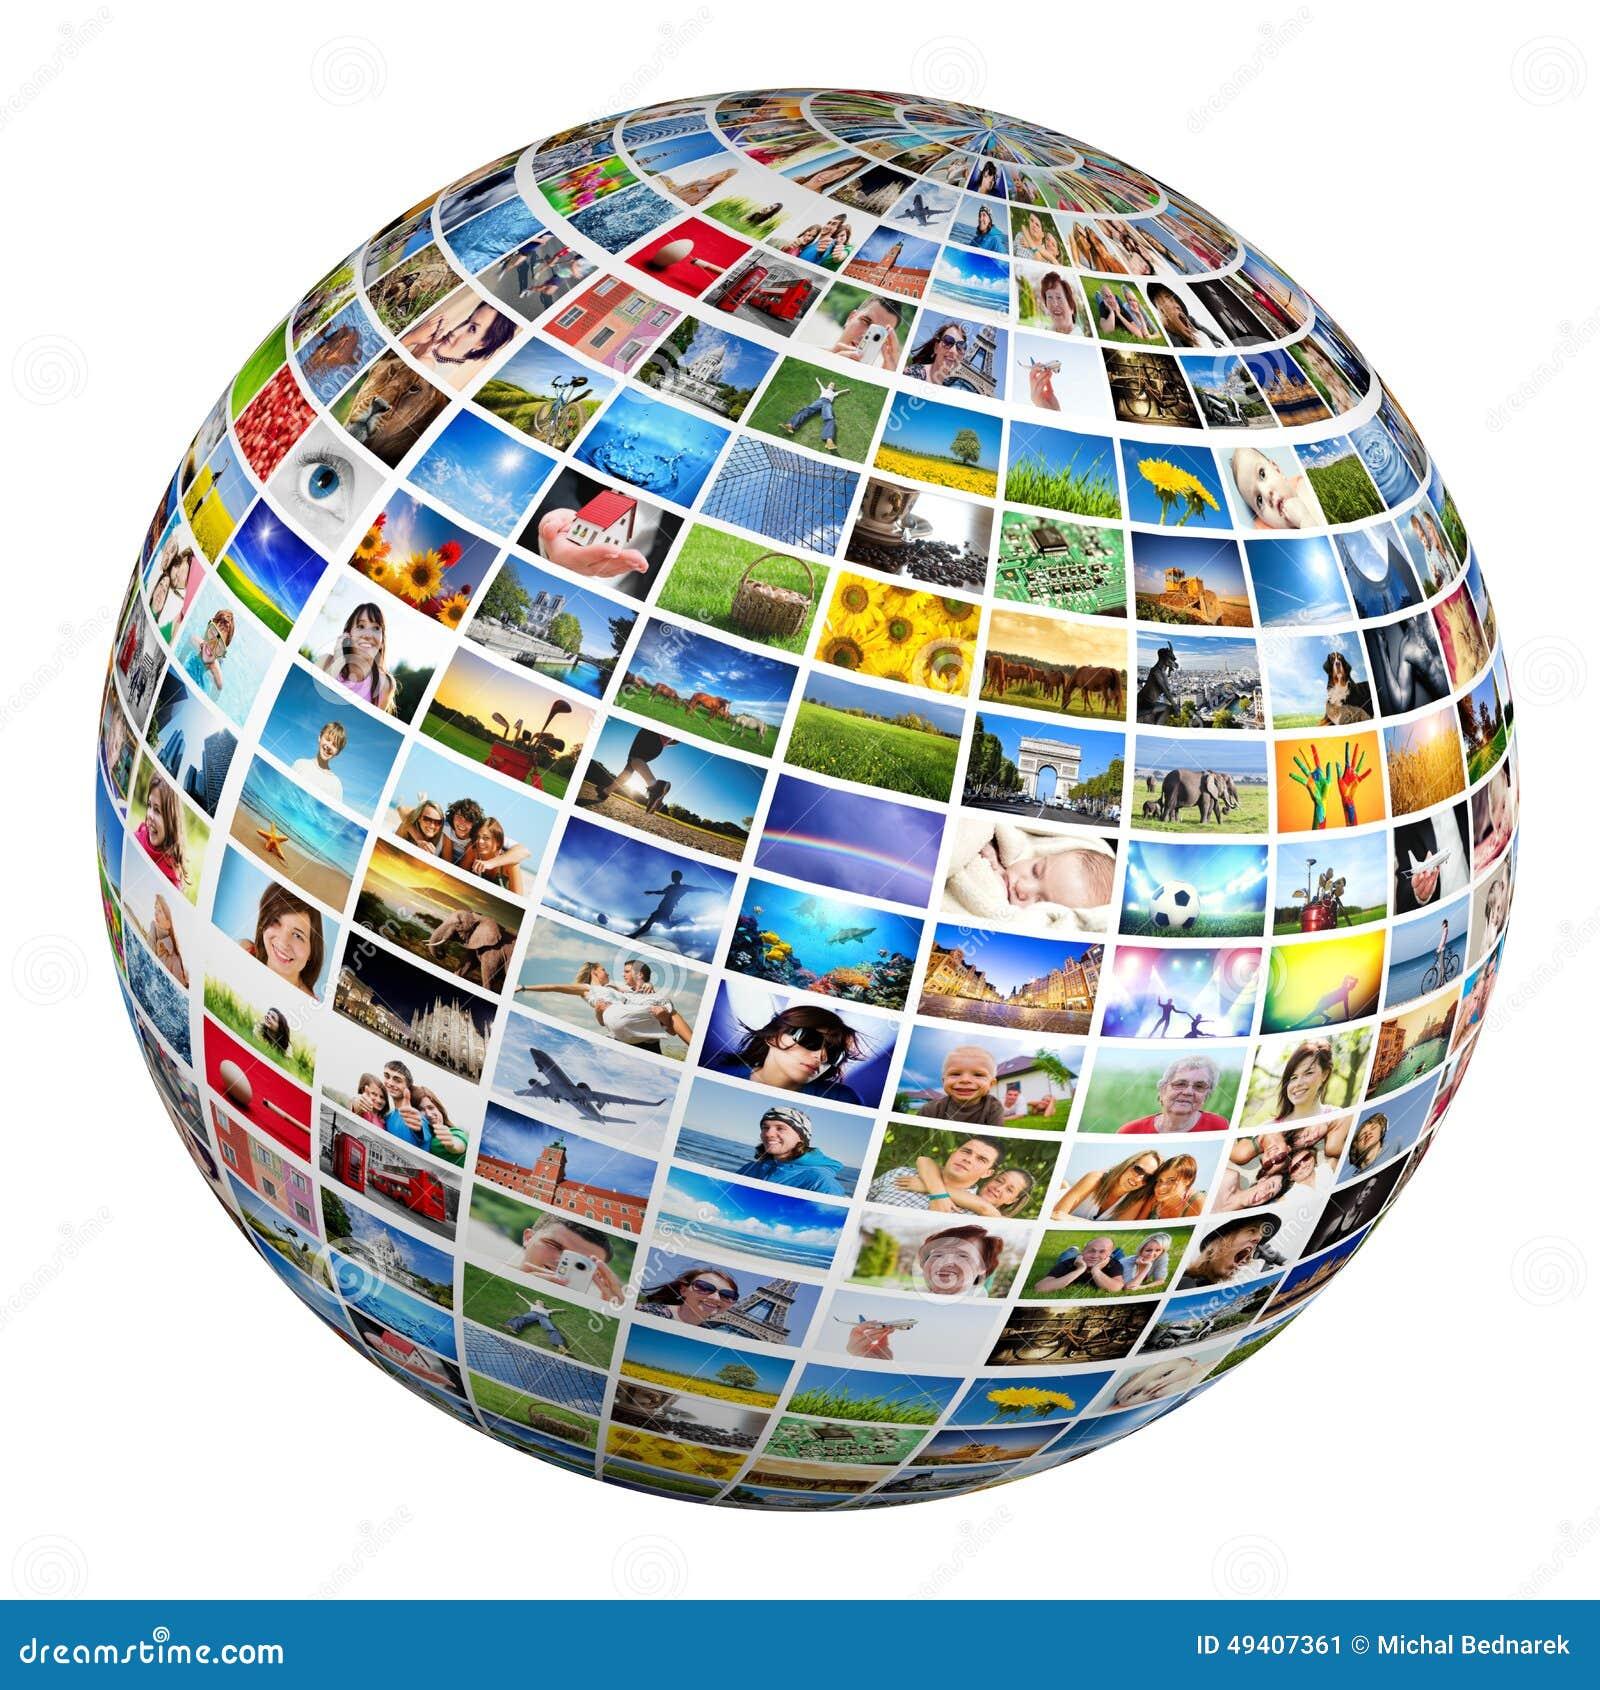 Download Kugel, Ball Mit Verschiedenen Bildern Von Leuten, Natur, Gegenstände, Plätze Stockbild - Bild von gruppe, internet: 49407361